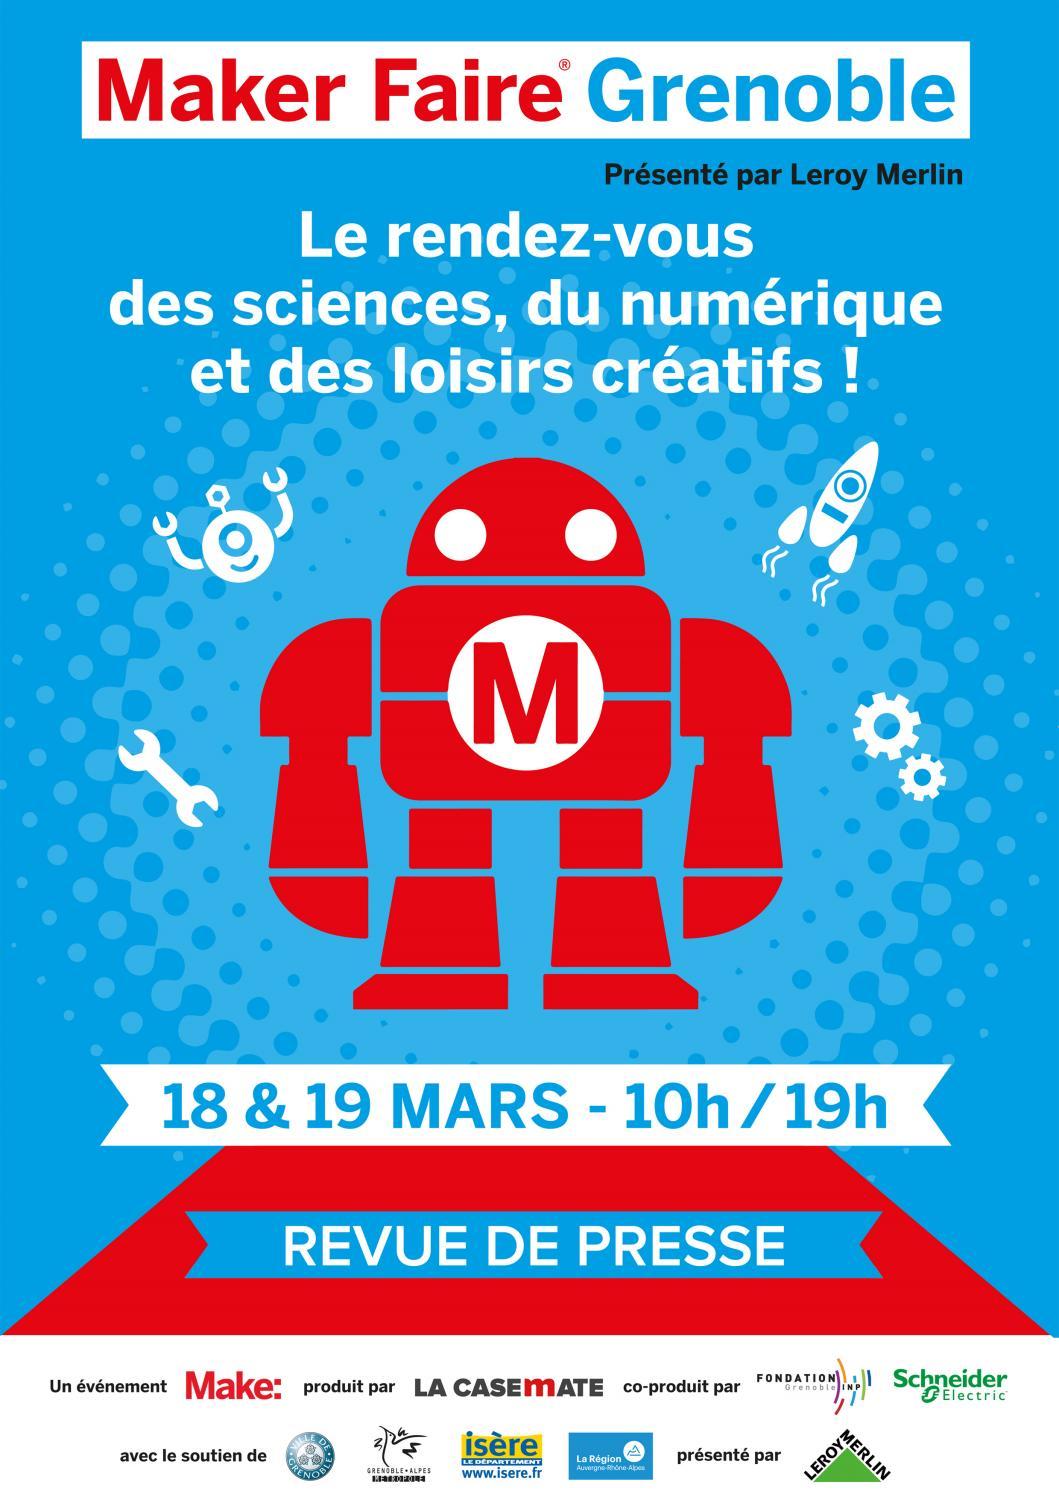 Maker Faire Grenoble 2017 Revue De Presse By Elodie La